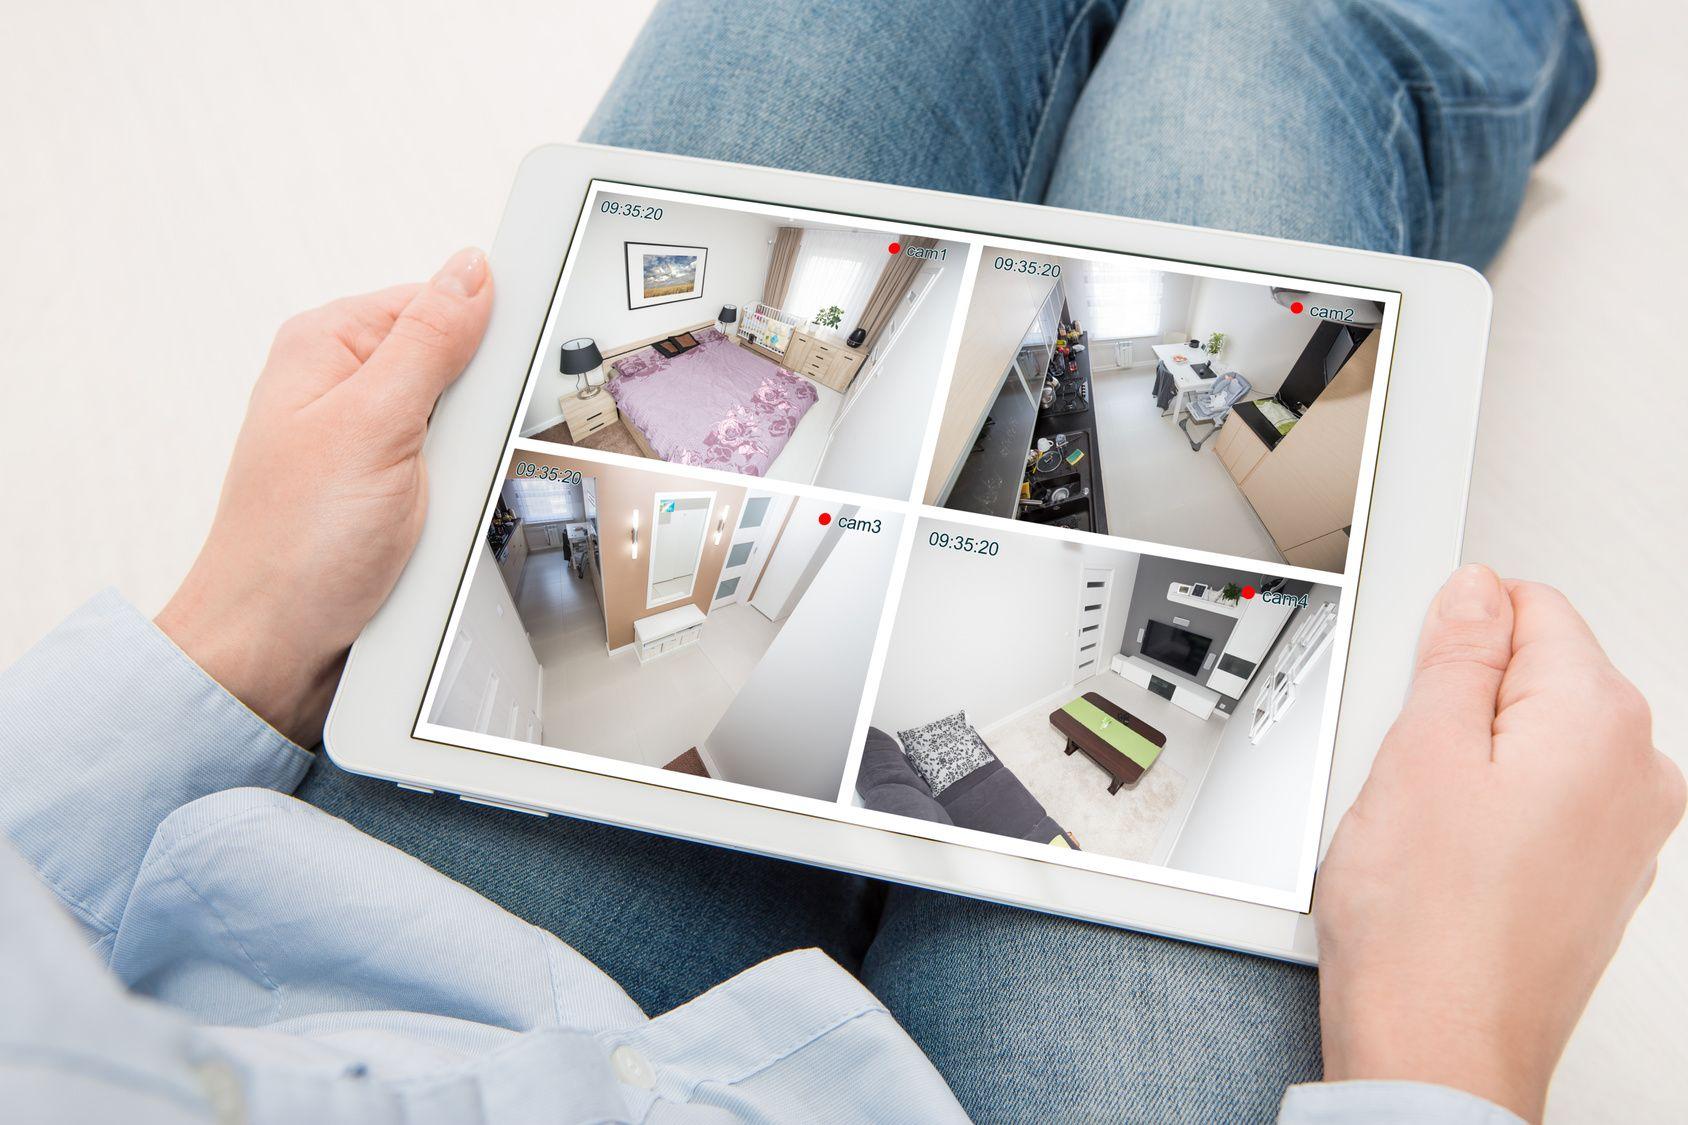 alarmanlagen im vergleich der stiftung warentest 11 2017. Black Bedroom Furniture Sets. Home Design Ideas